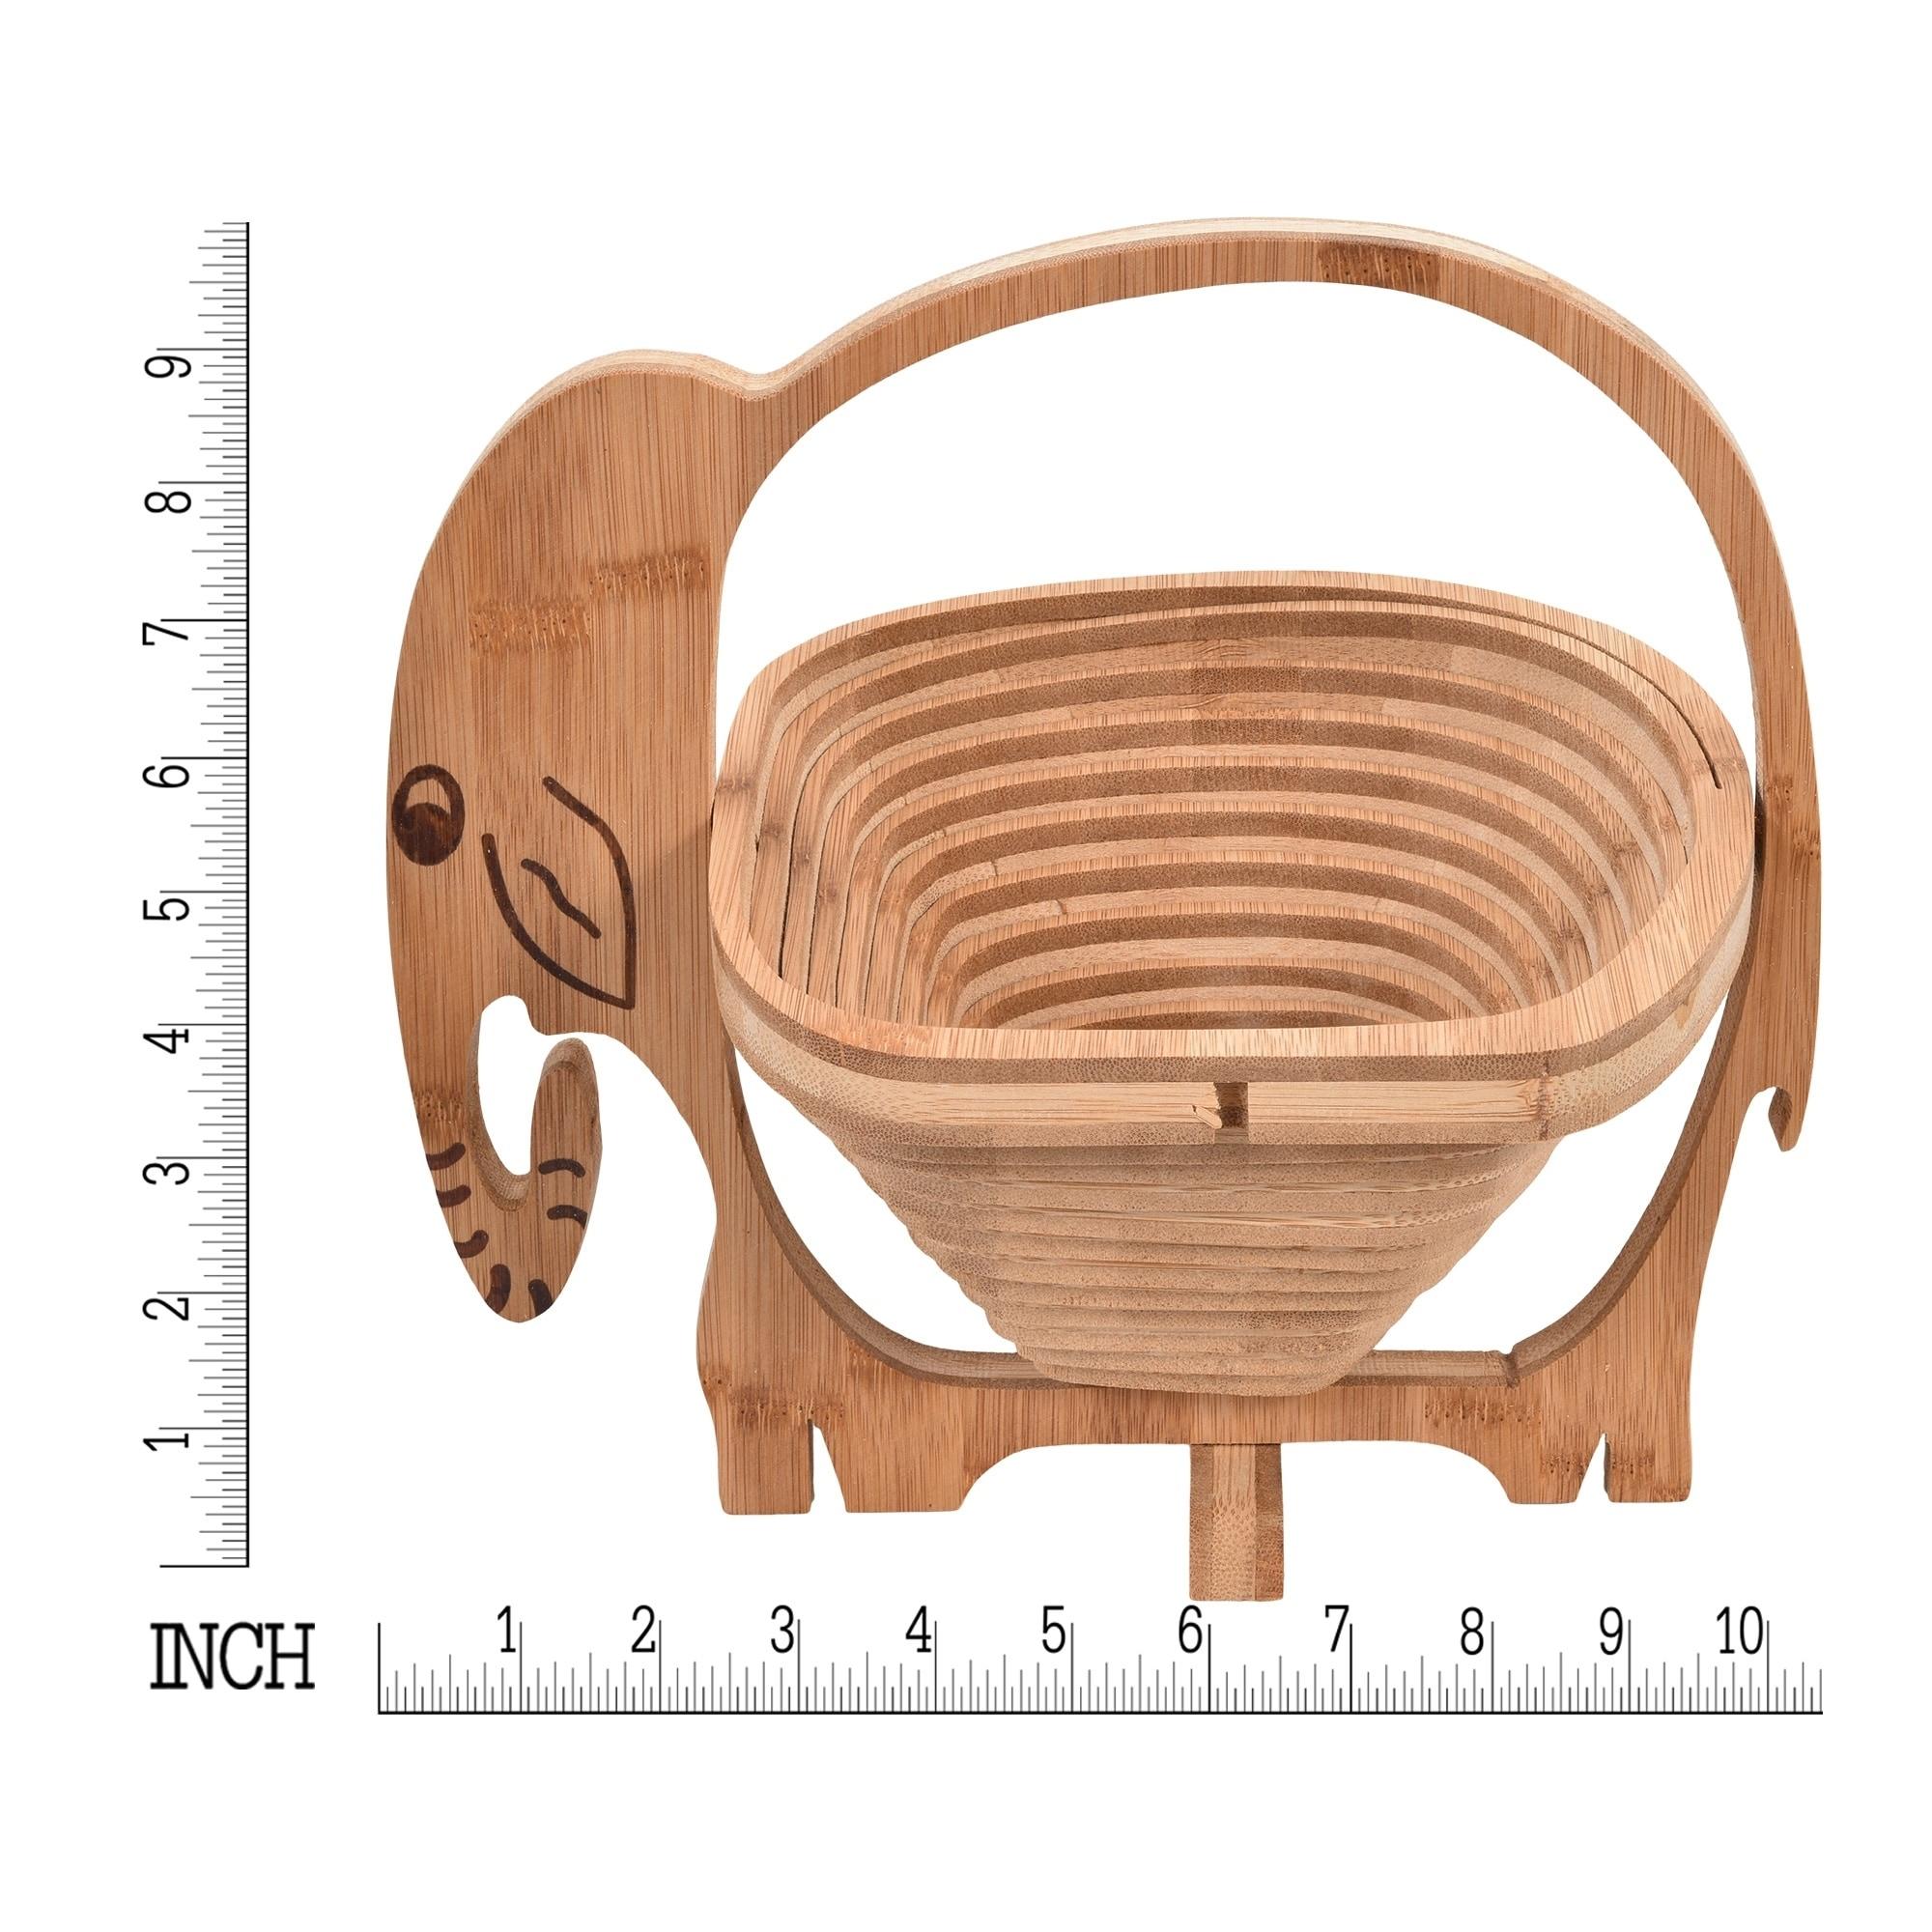 Handmade Unique Bamboo Wooden Elephant Folding Fruit Bowl Or Basket Thailand